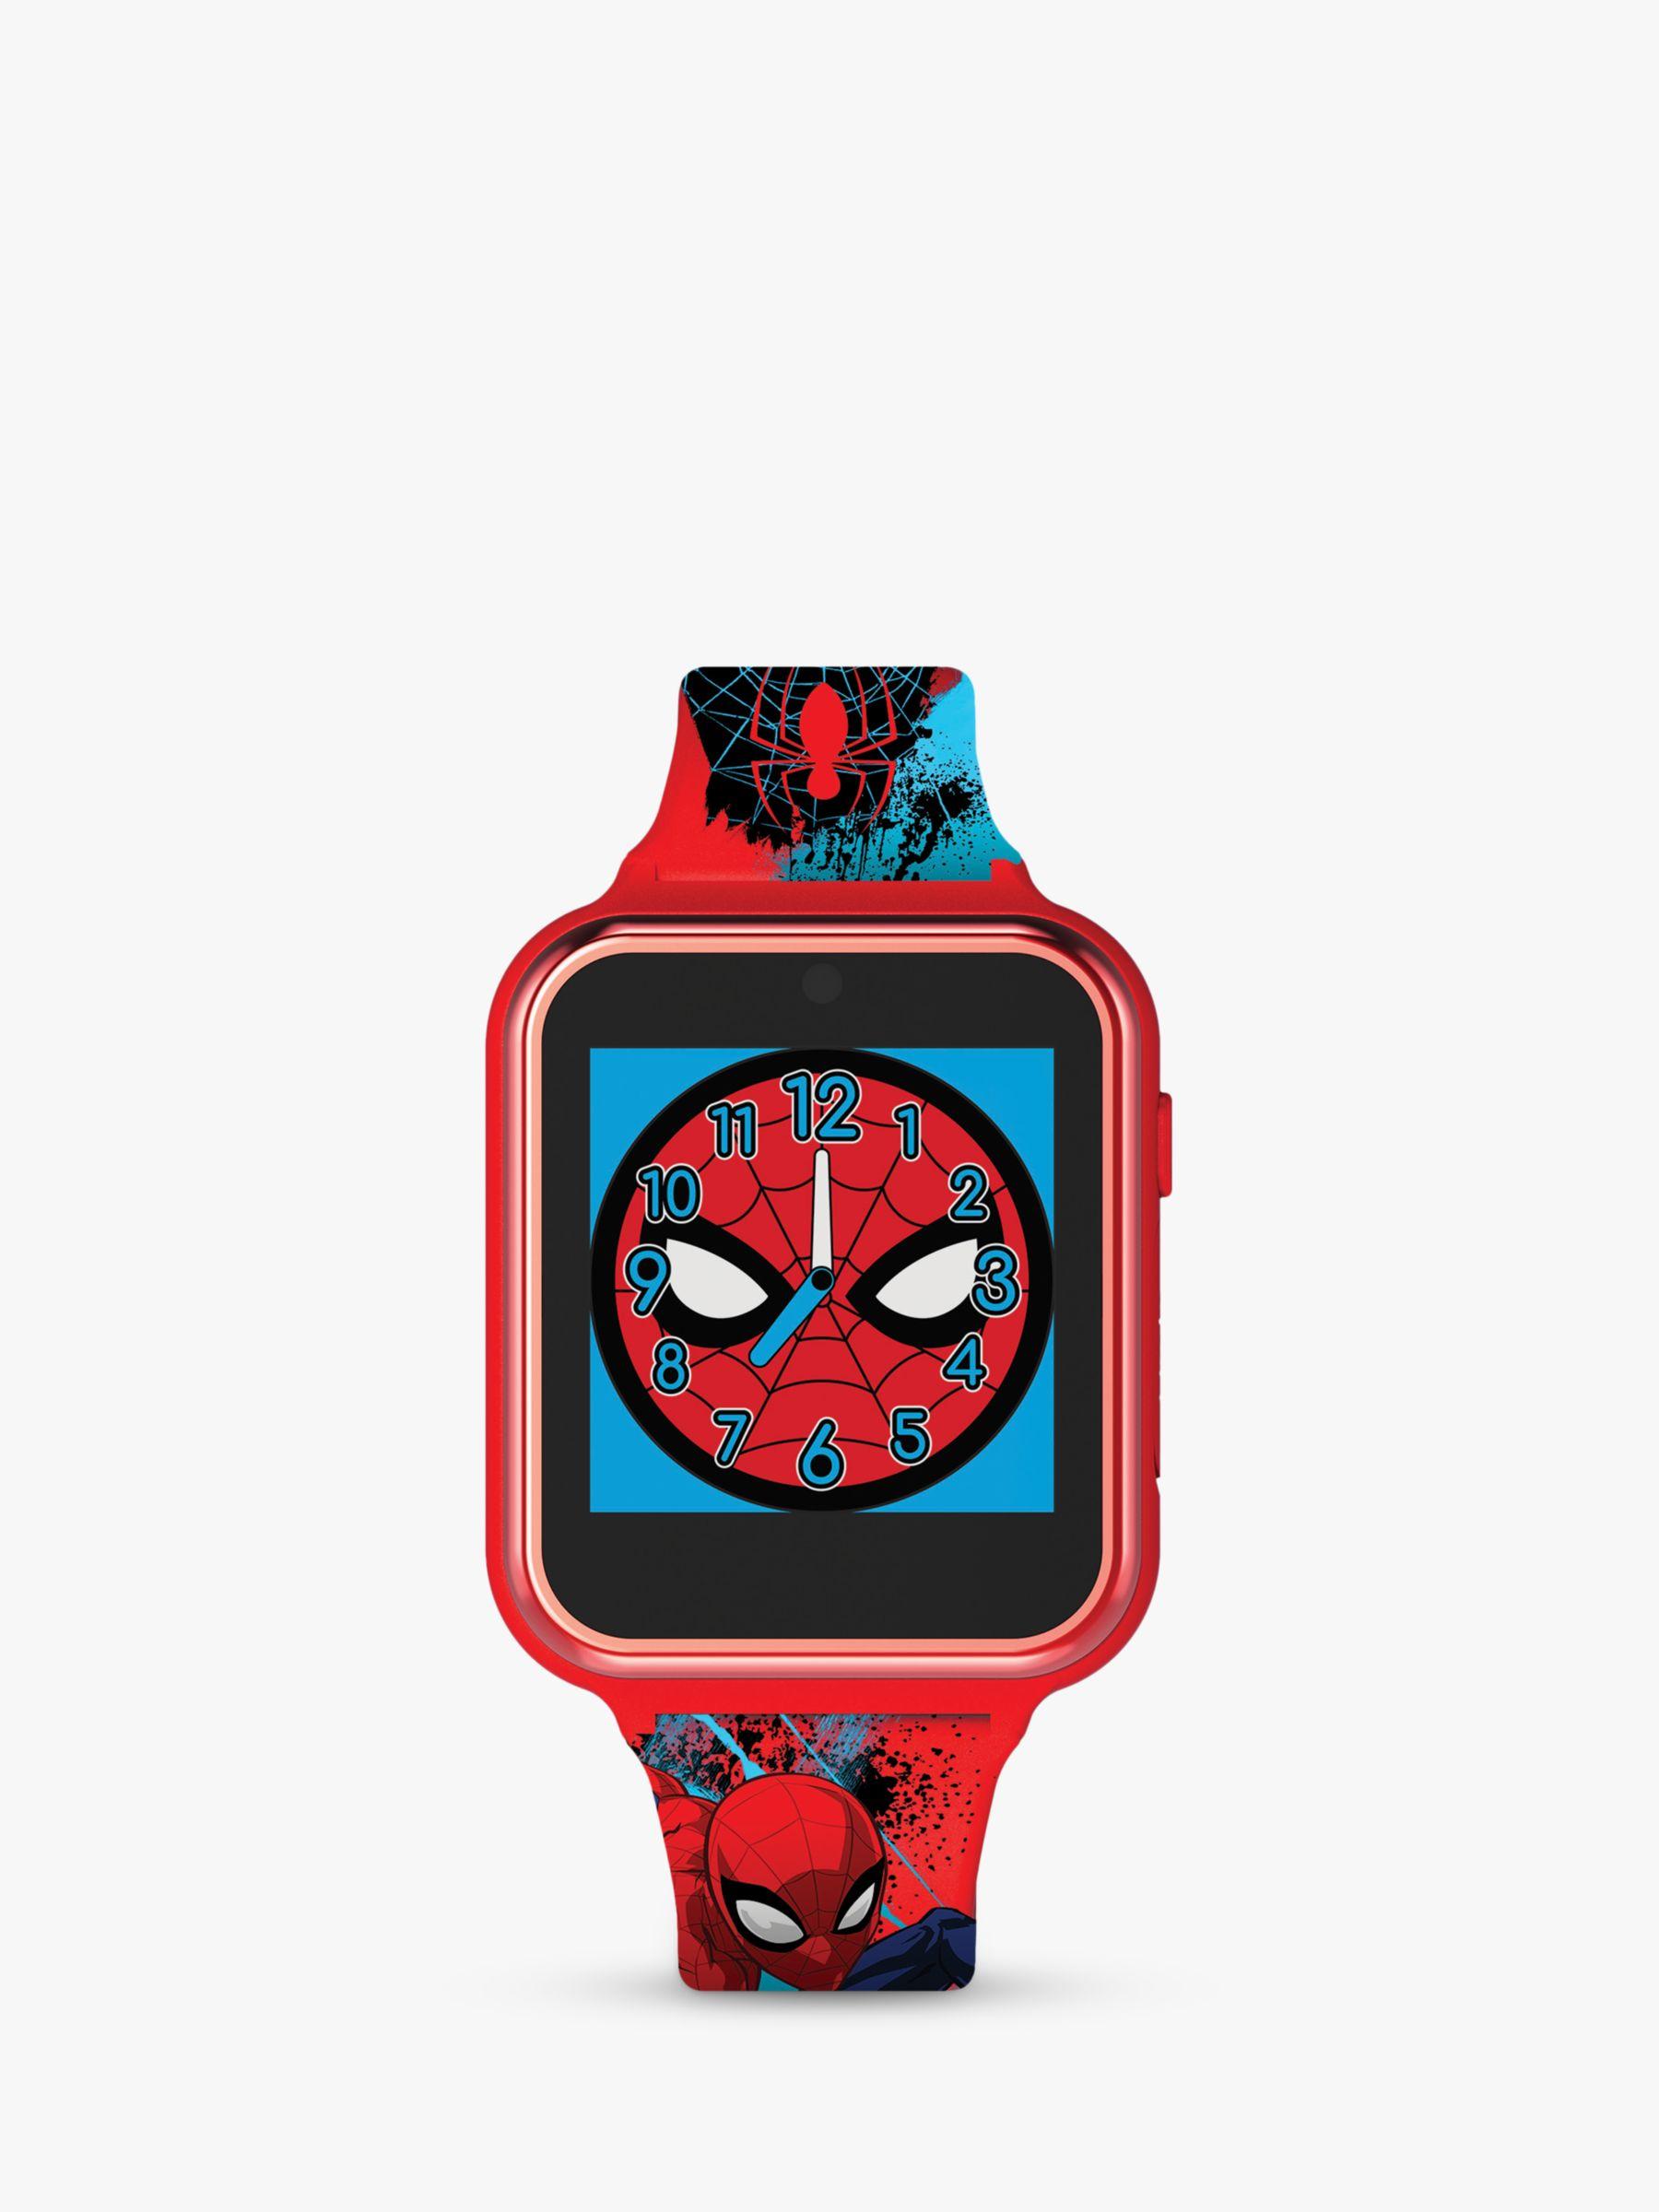 Disney Disney Spiderman SPD4588 Children's Interactive Silicone Strap Watch, Red/Blue